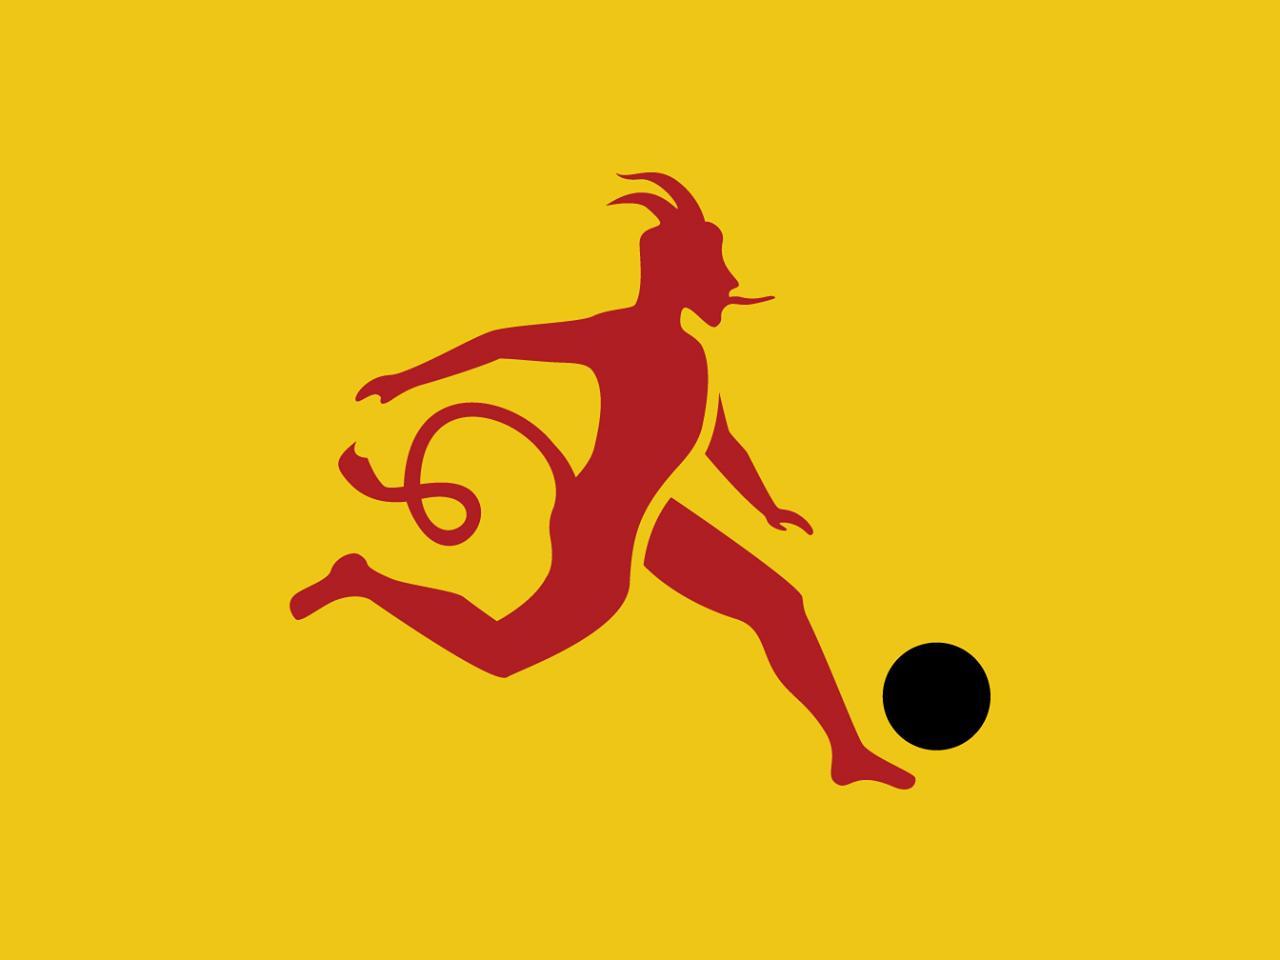 18 березня у Львові відбудеться змаг з футзалу для юнацтва «Кубок Близниці 2017»